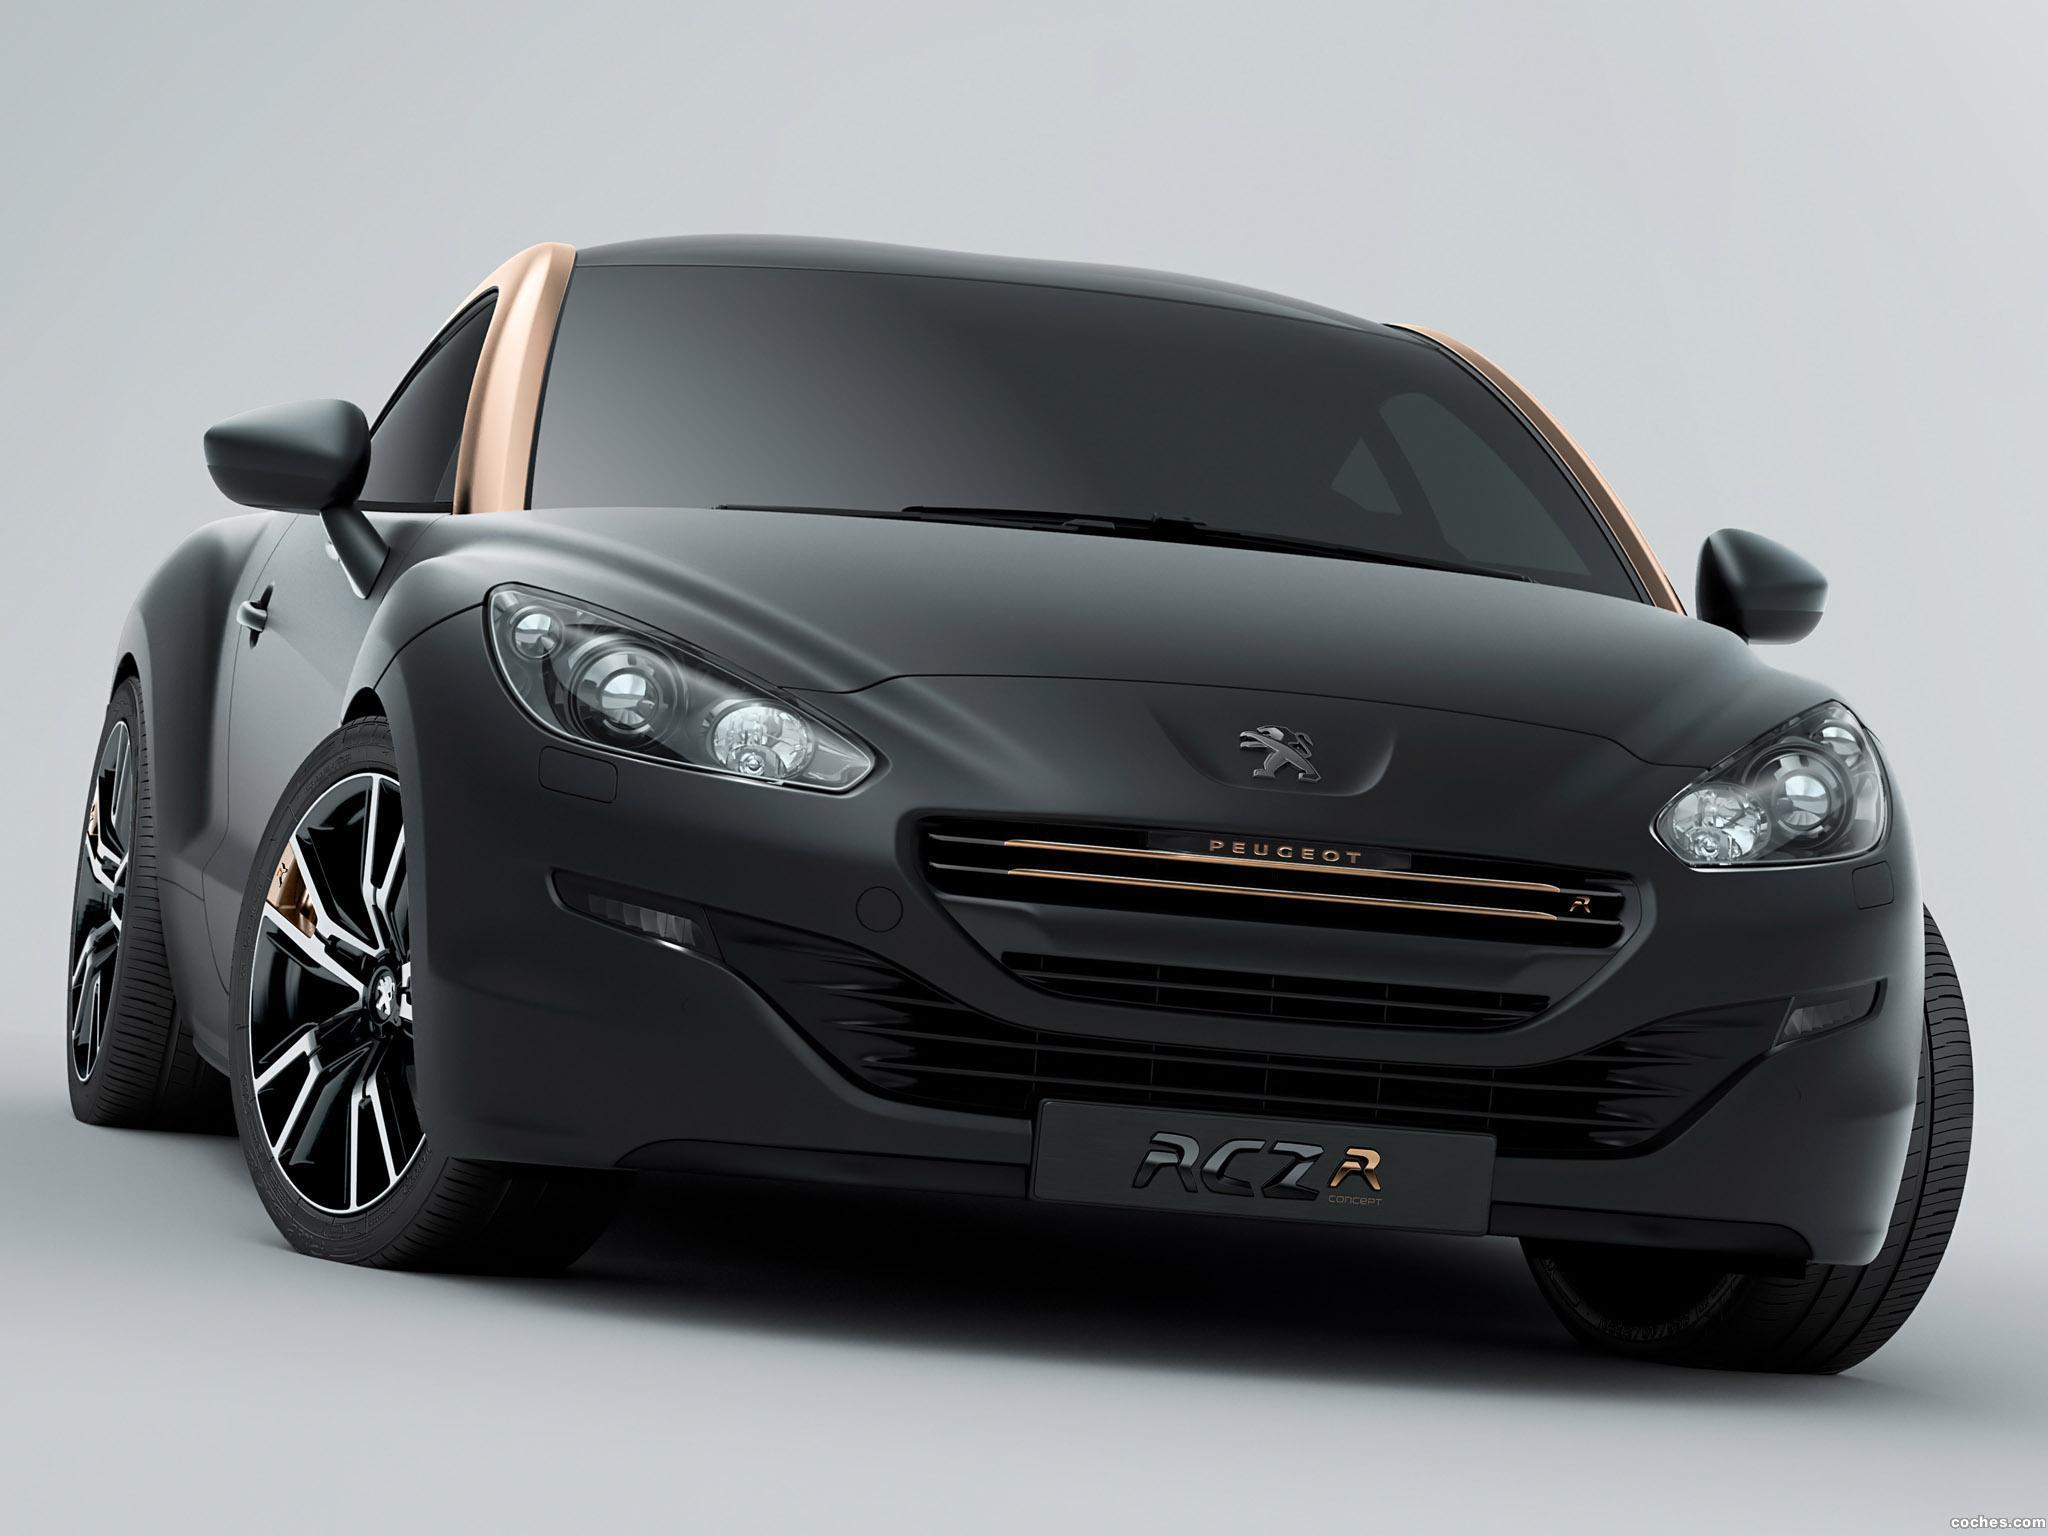 Foto 1 de Peugeot RCZ-R Concept 2012